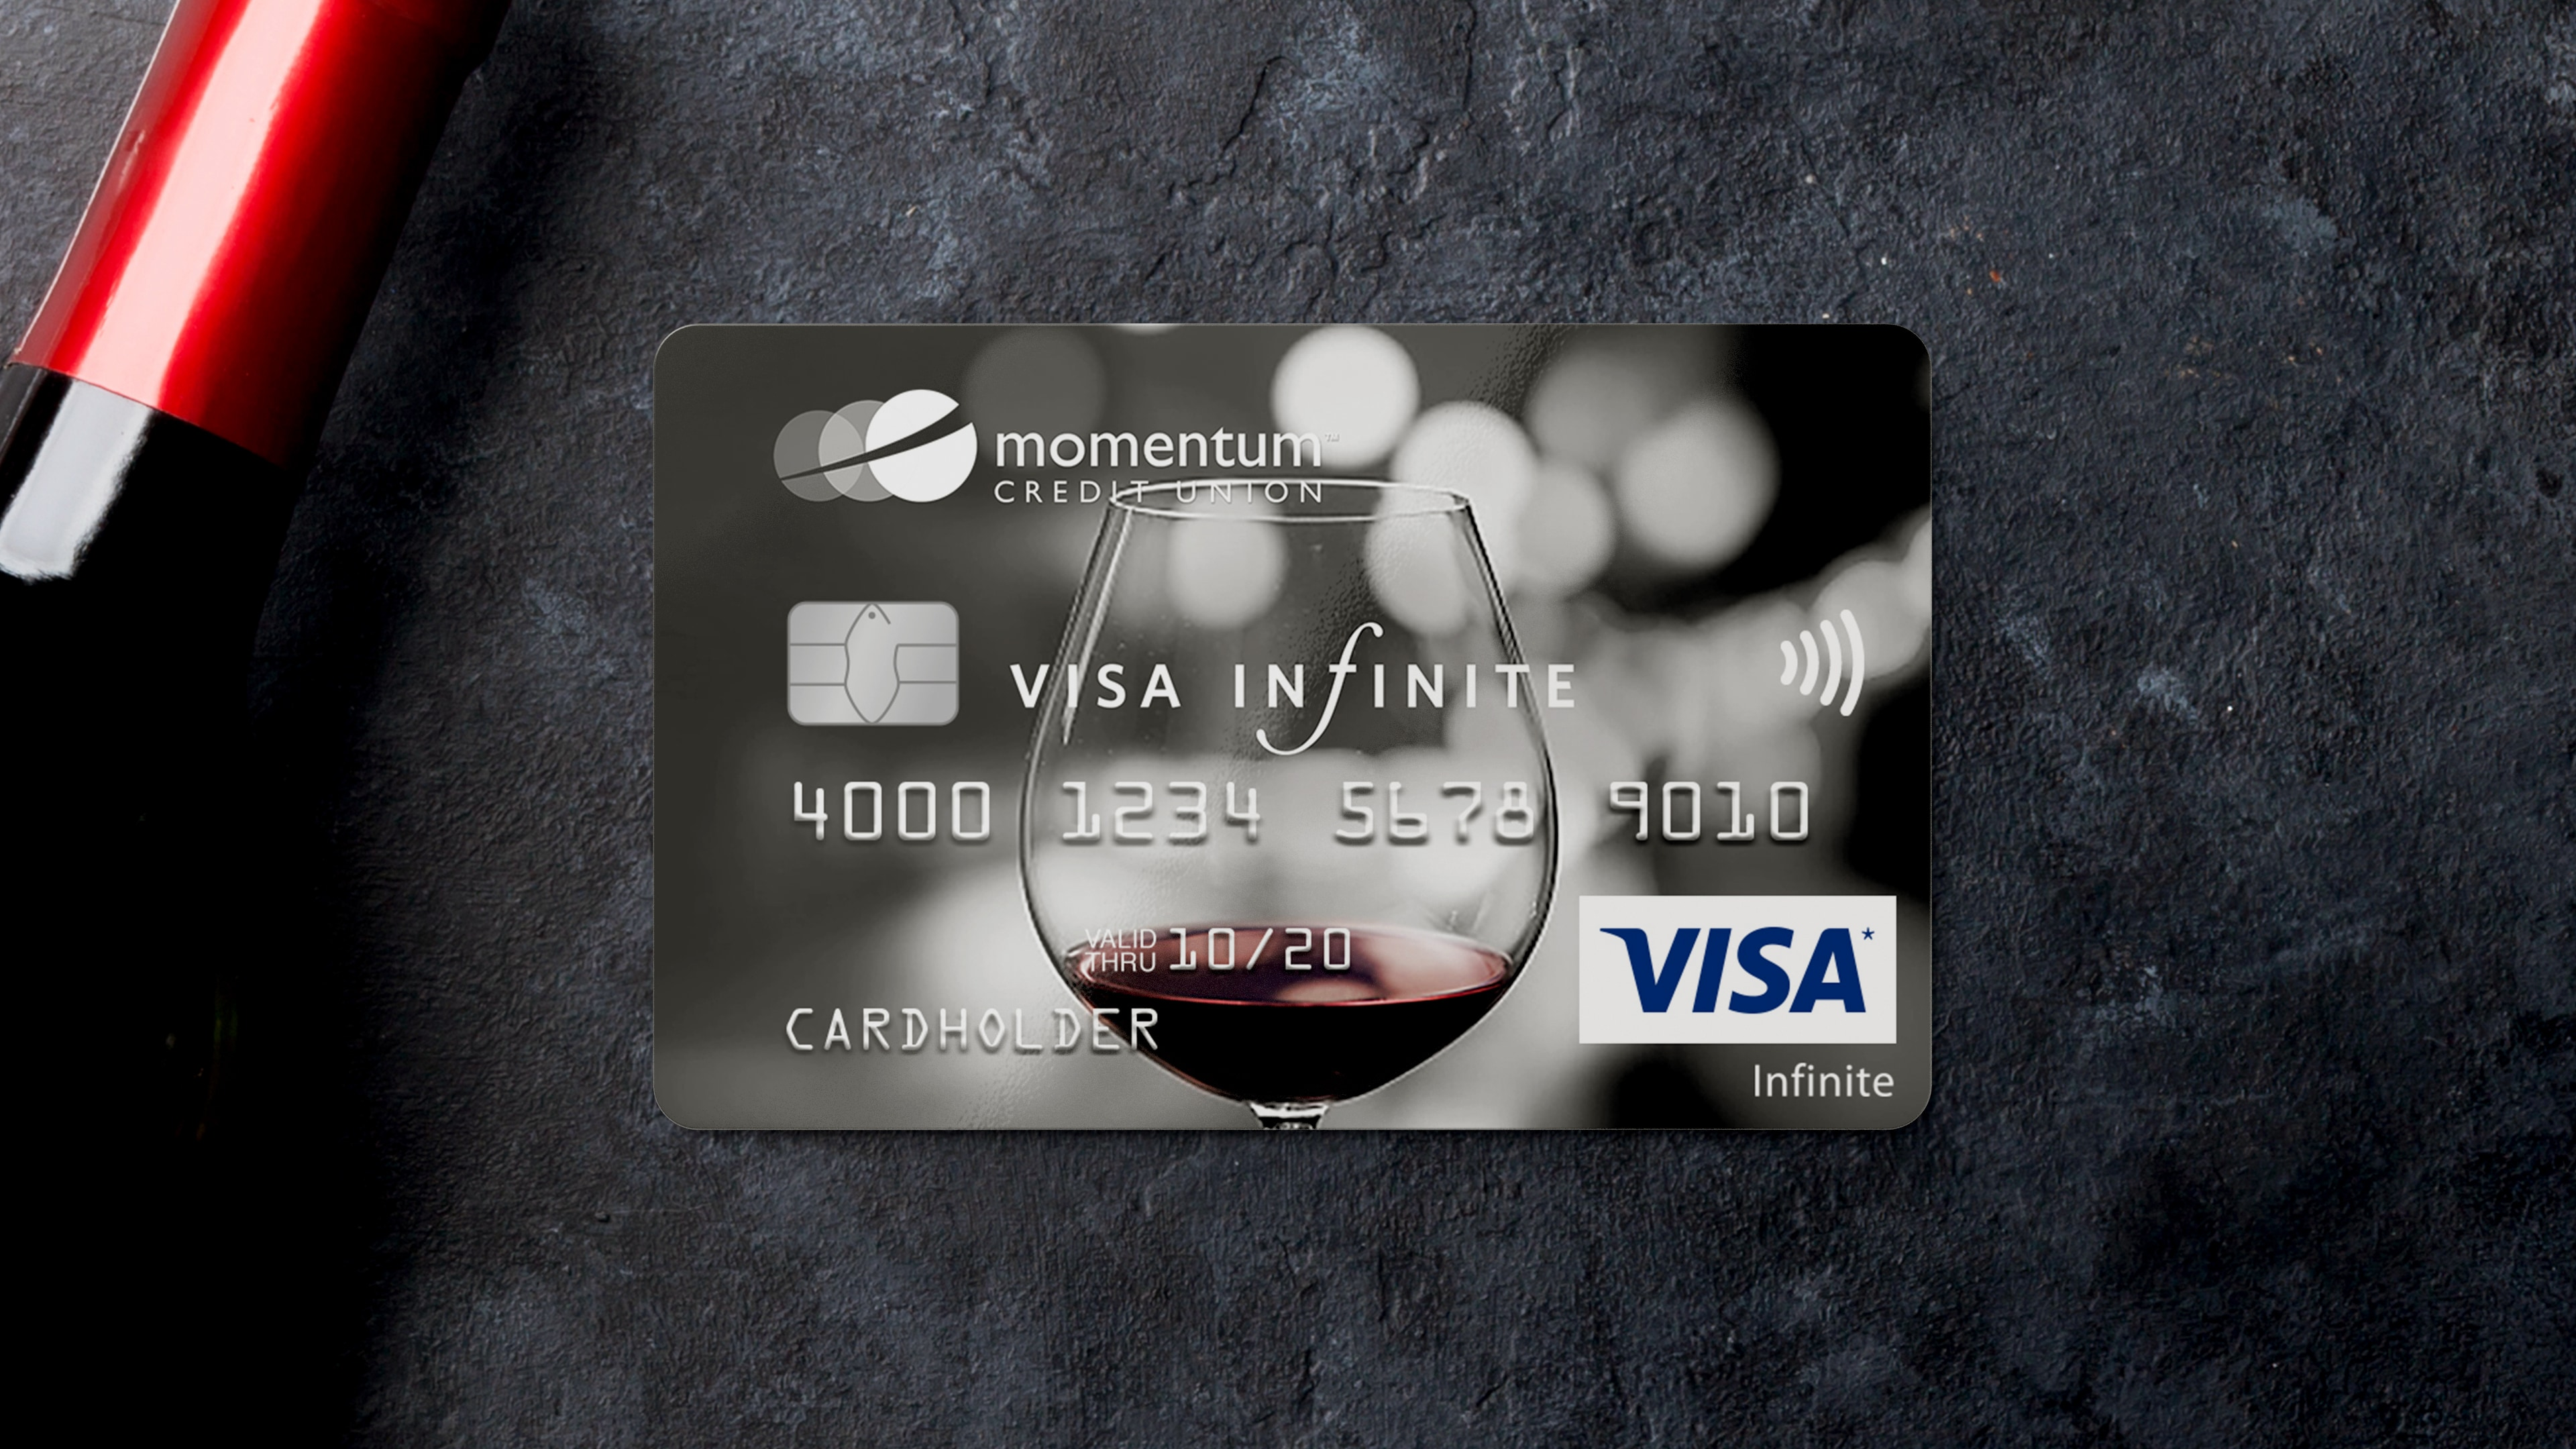 Momentum Visa Infinite